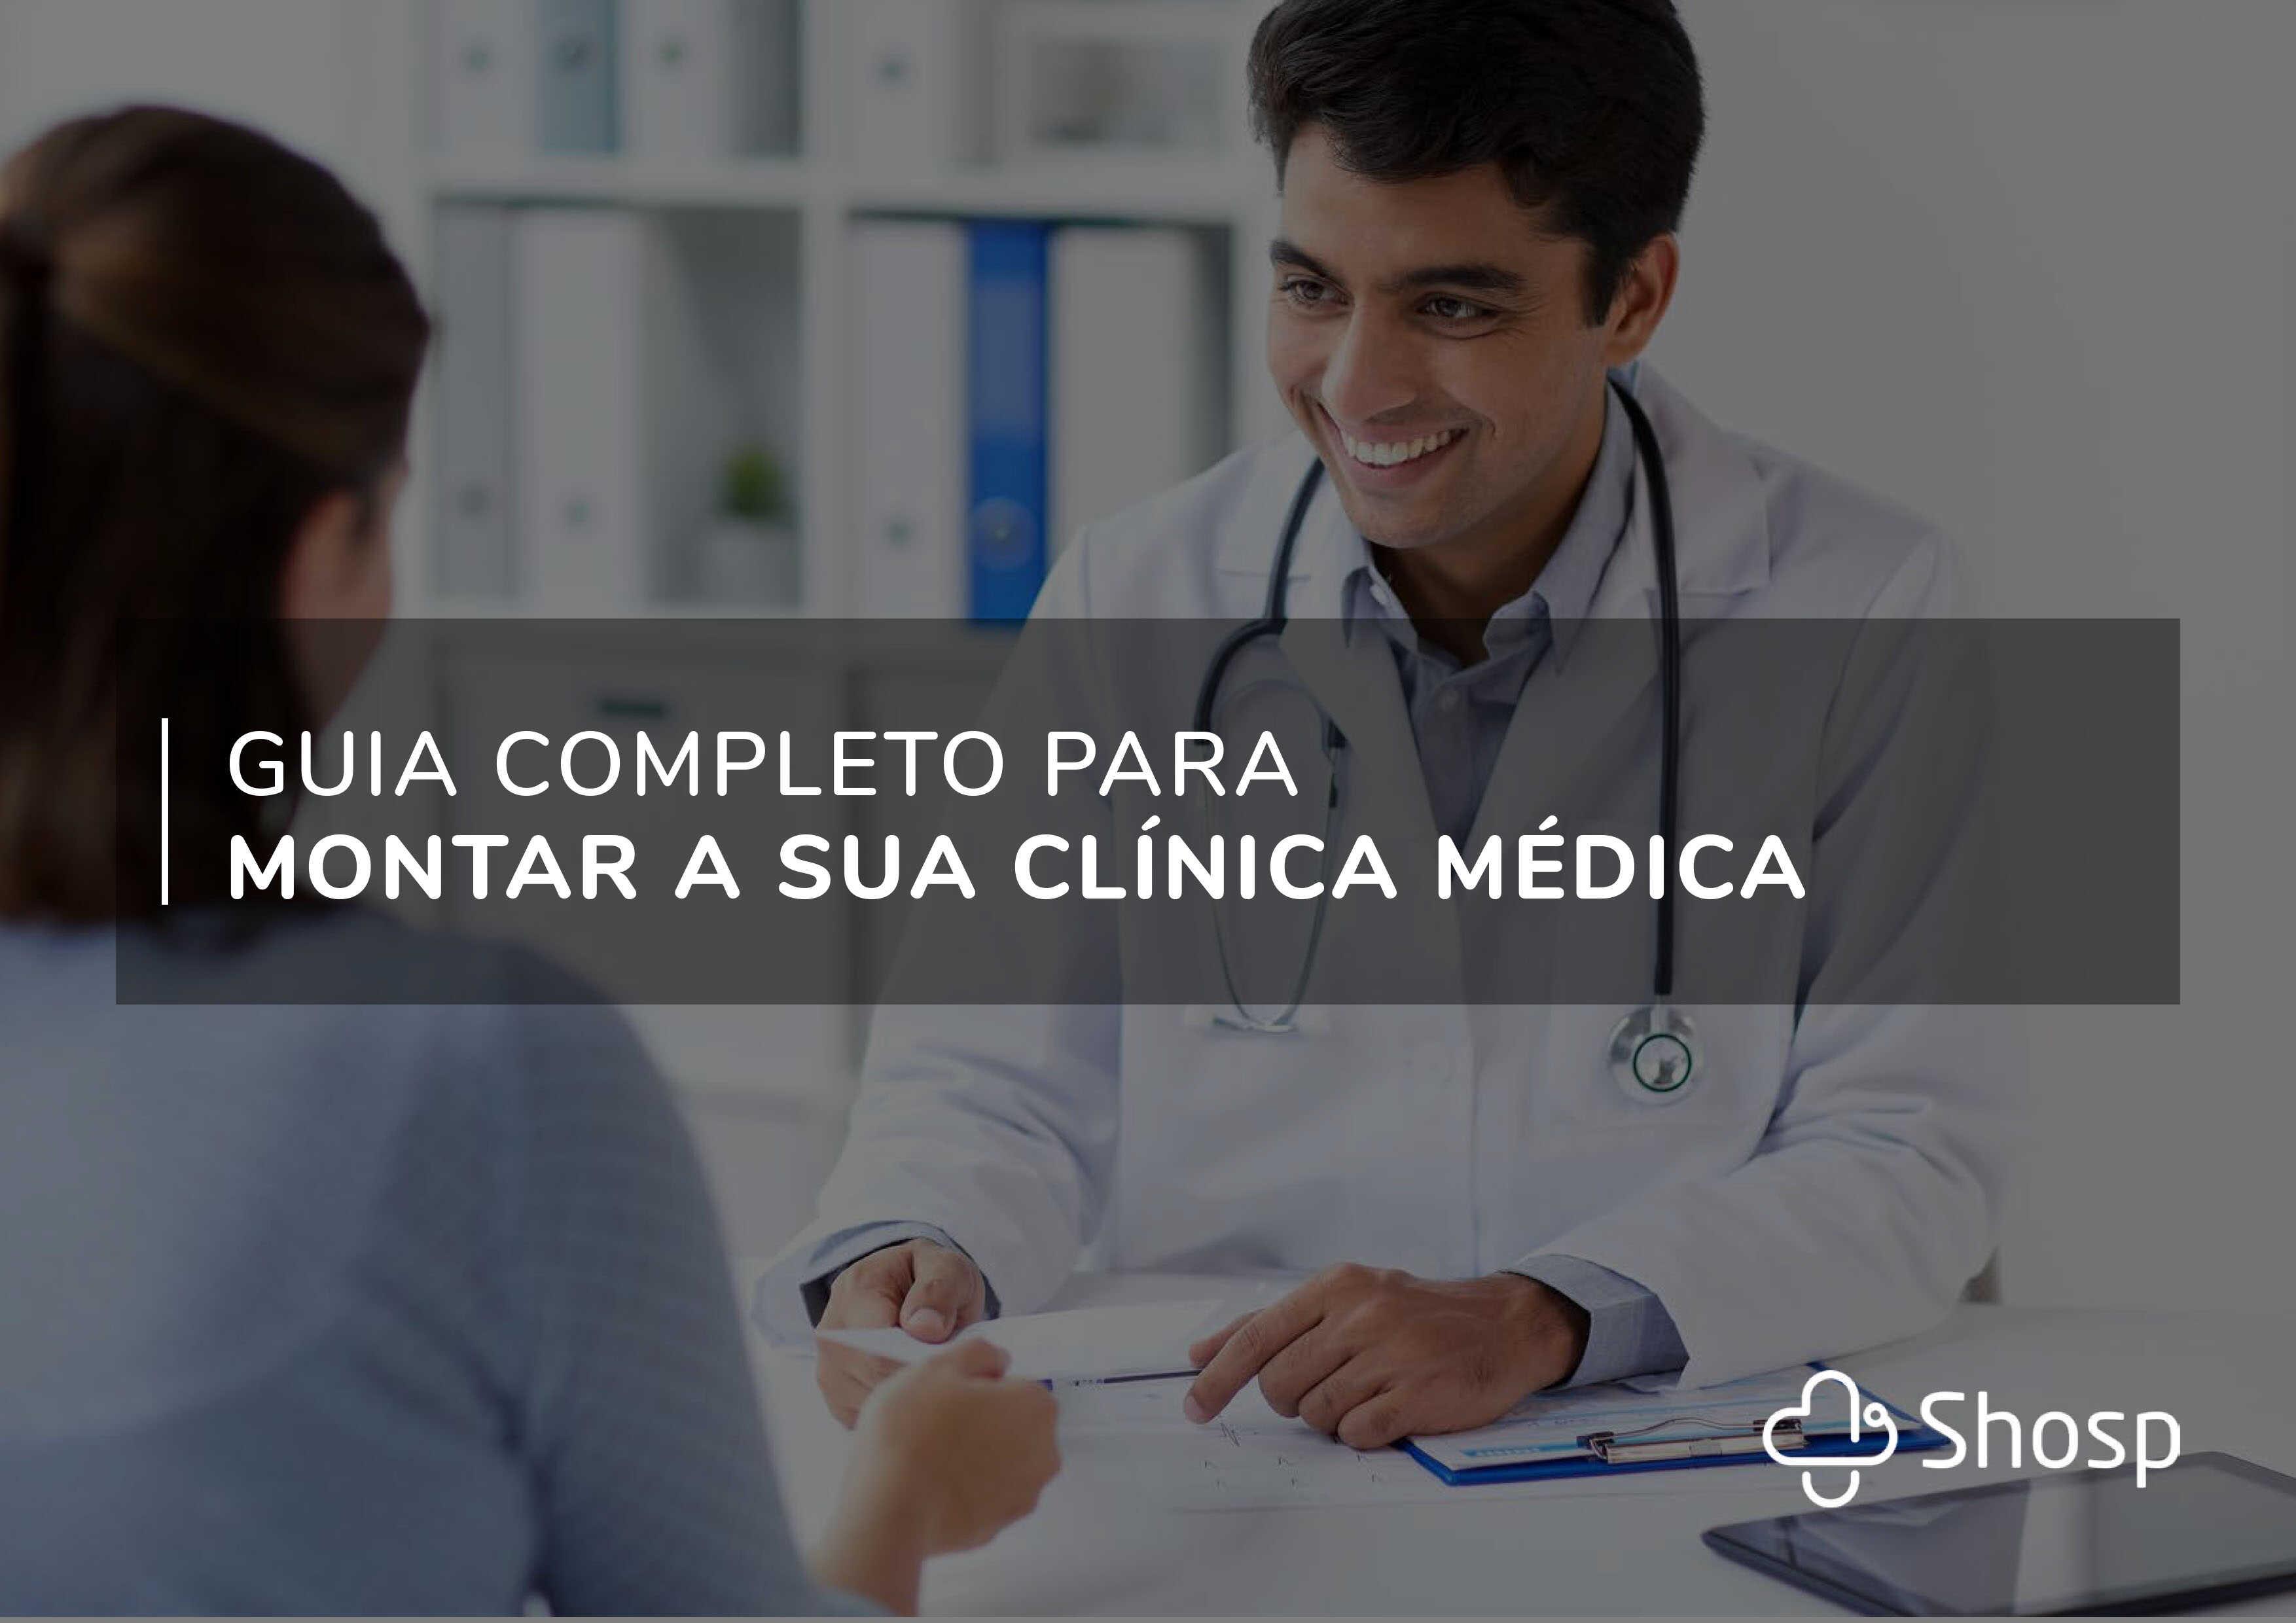 Tudo o que você precisa saber para abrir sua clínica médica